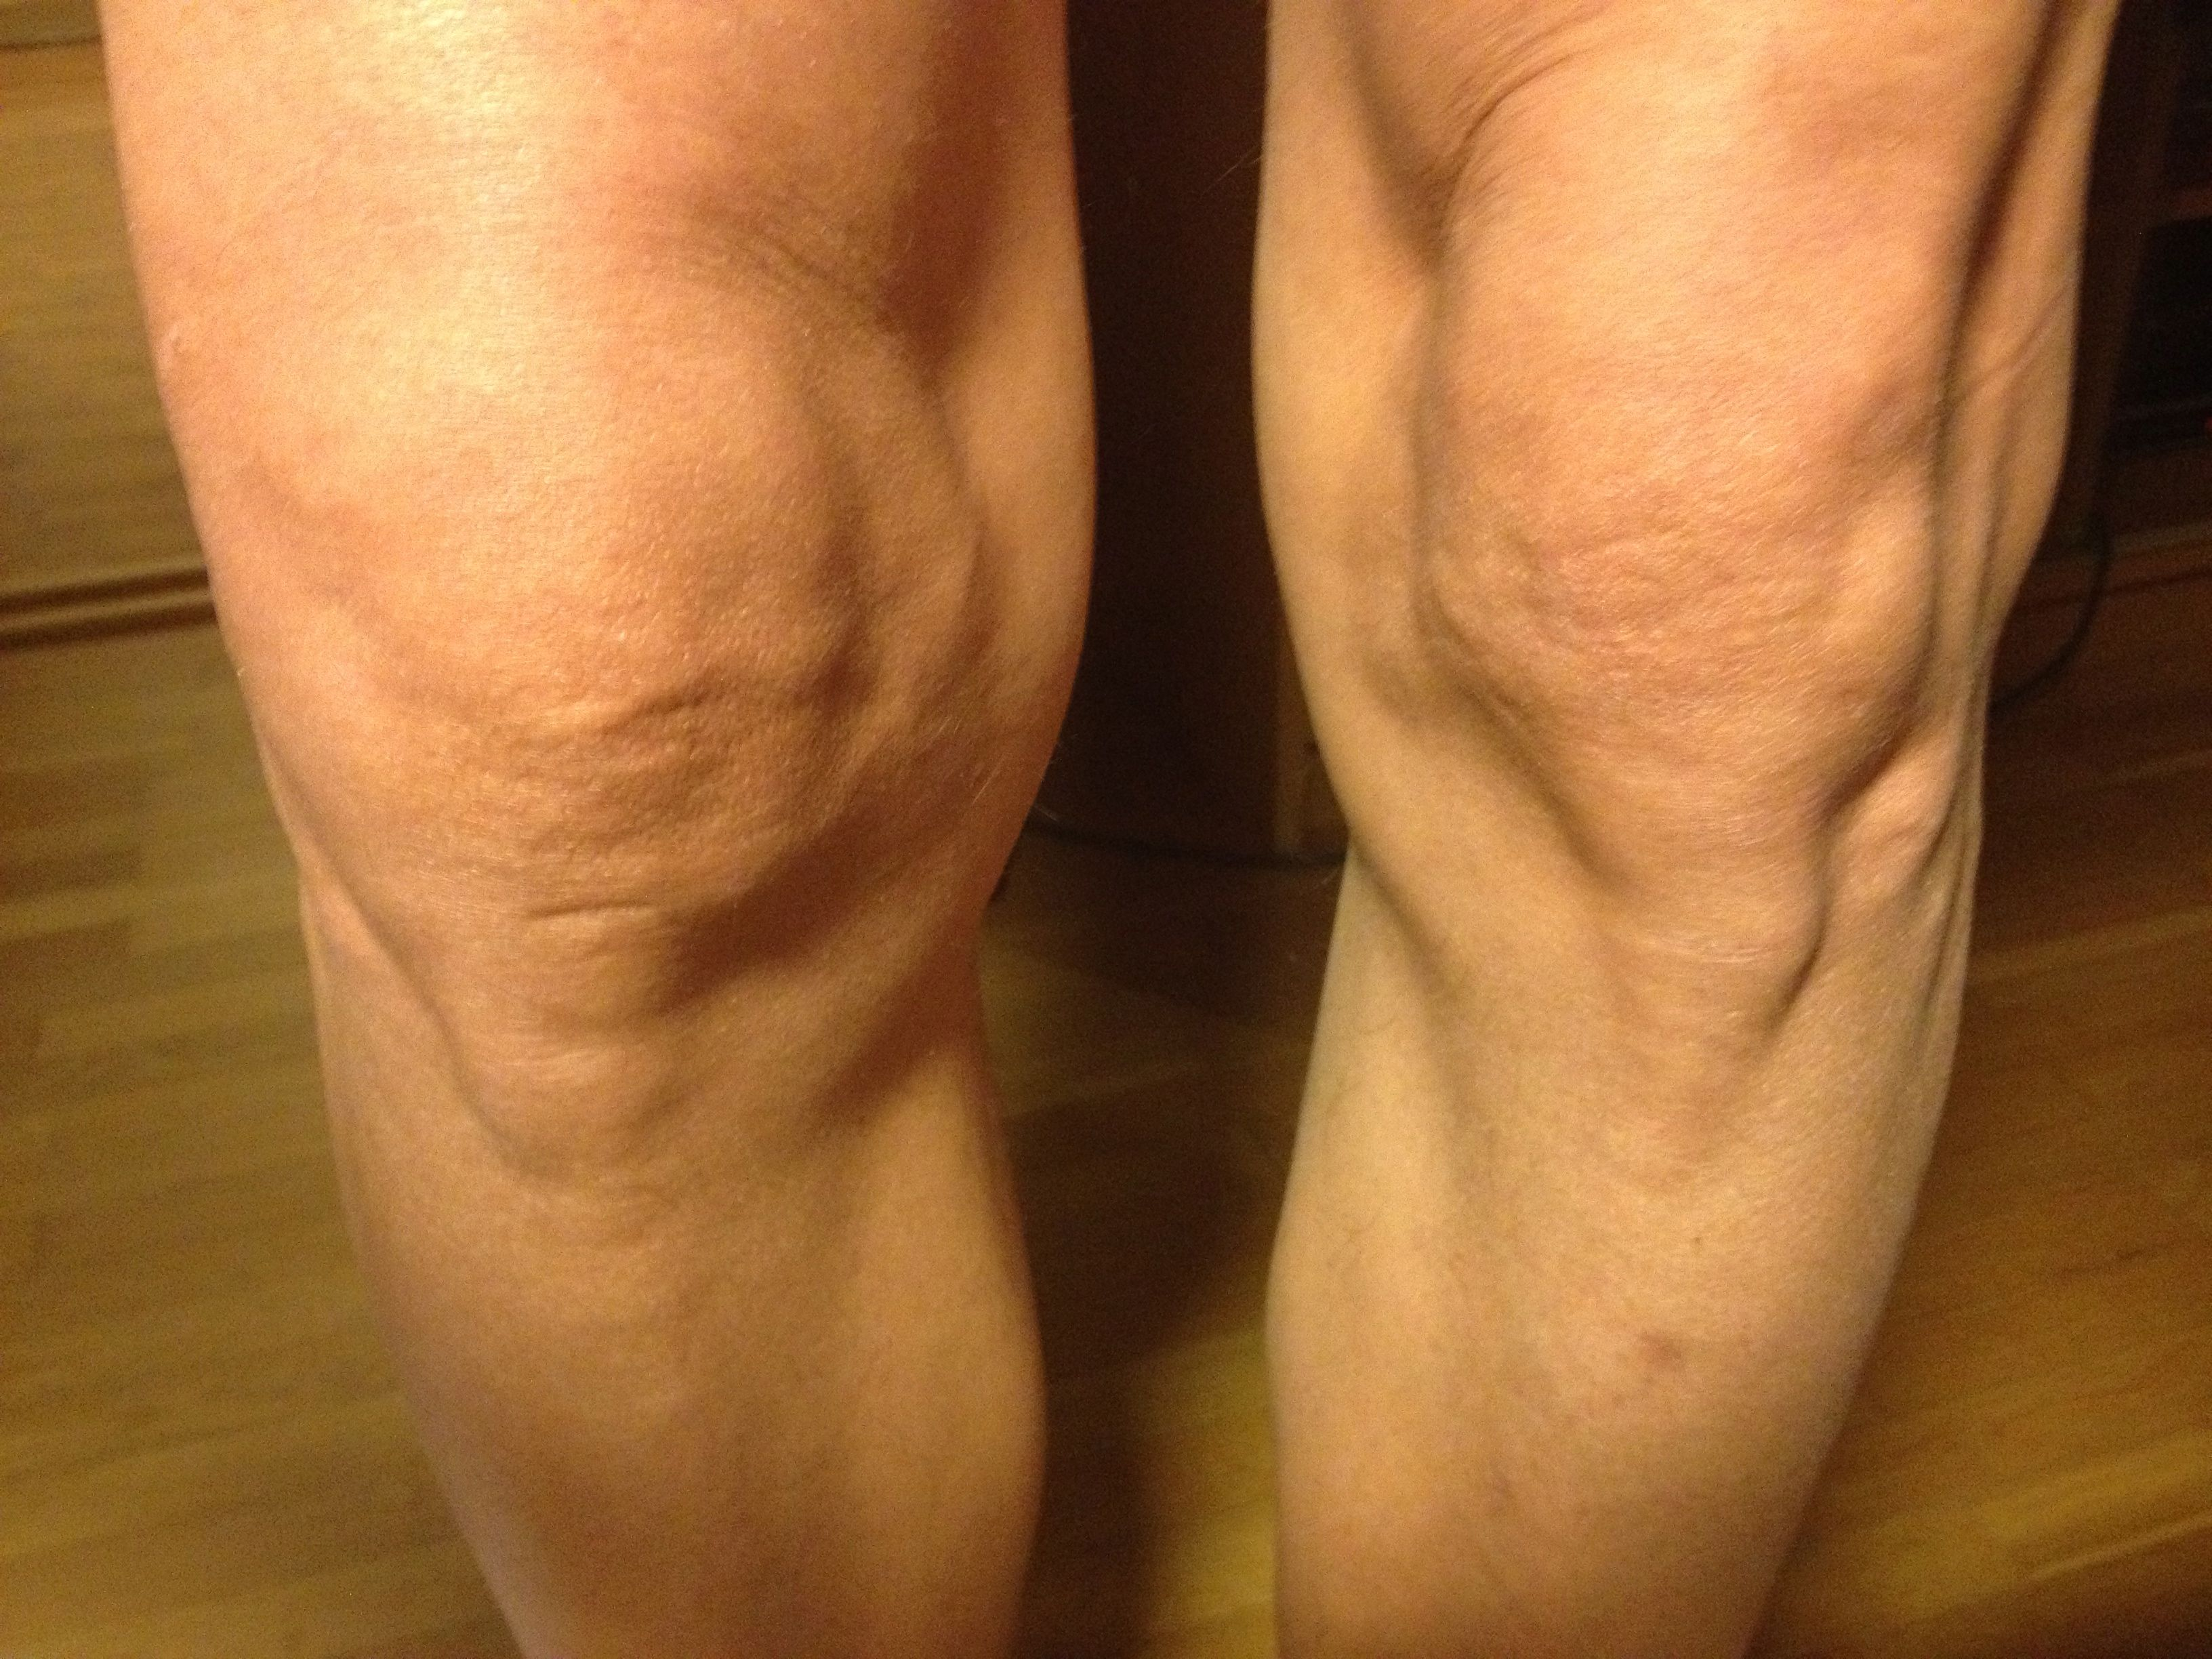 svullet knä utan smärta